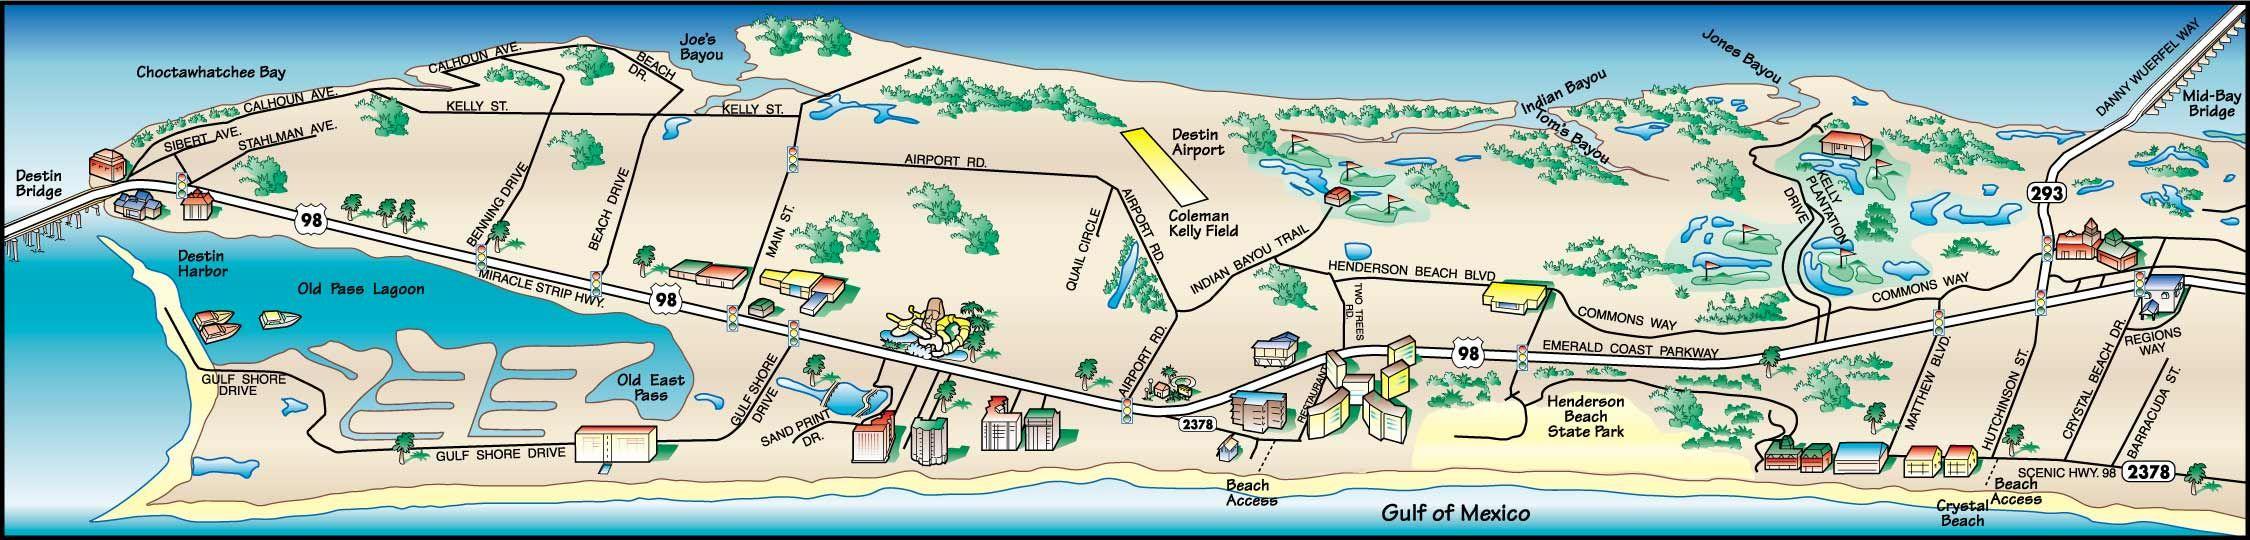 Destin Florida Map | Destin, Florida Map 1 | Vacations | Destin - Denton Florida Map